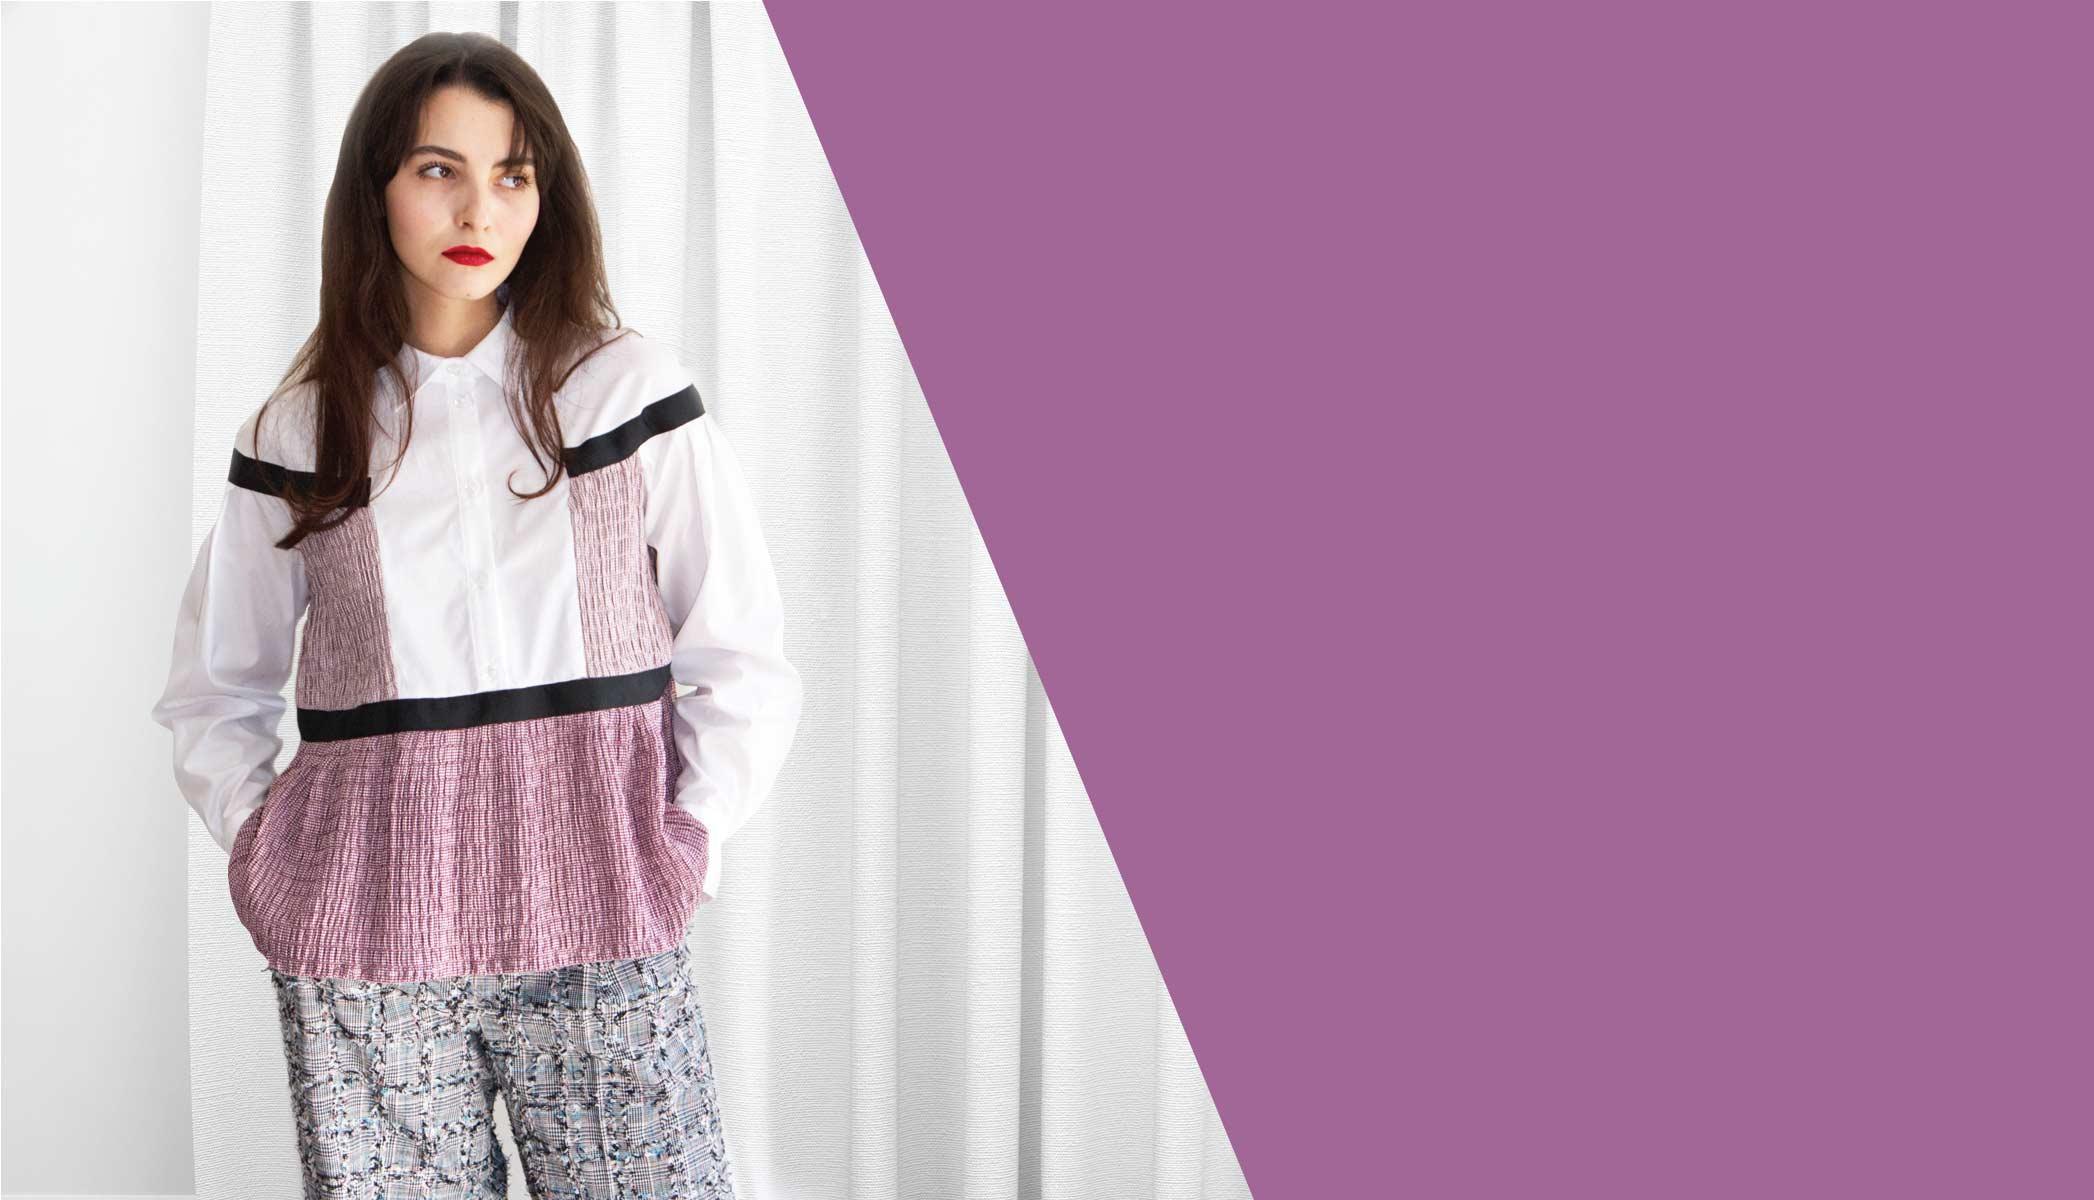 Moda autunno-inverno 2020 - Fashion Fall-winter 2020